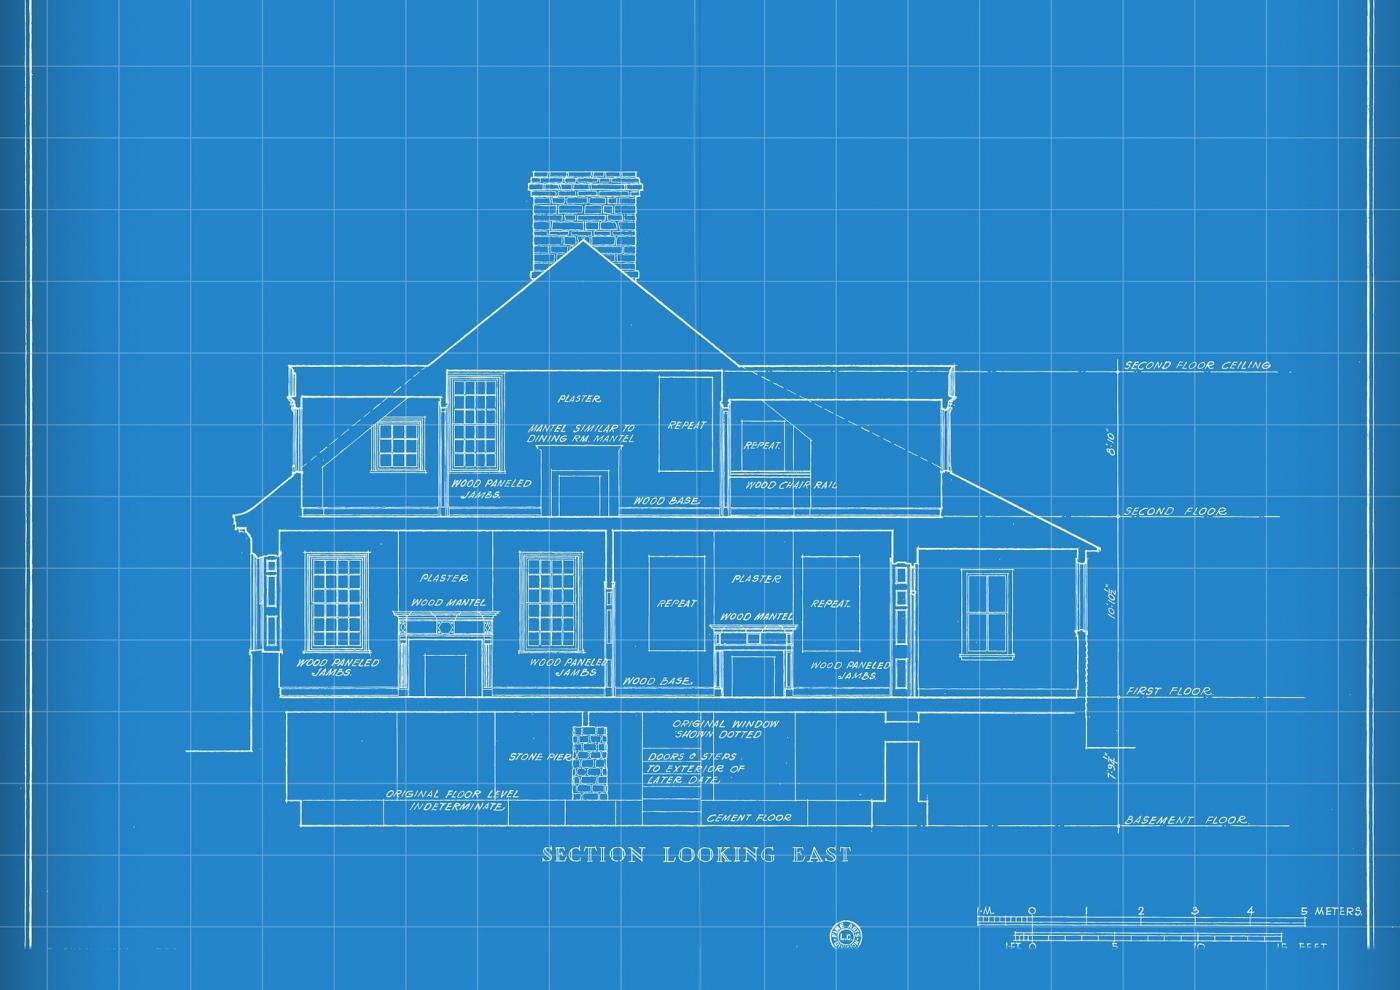 Działki budowlane - czy warto się nimi interesować i gdzie ich szukać?